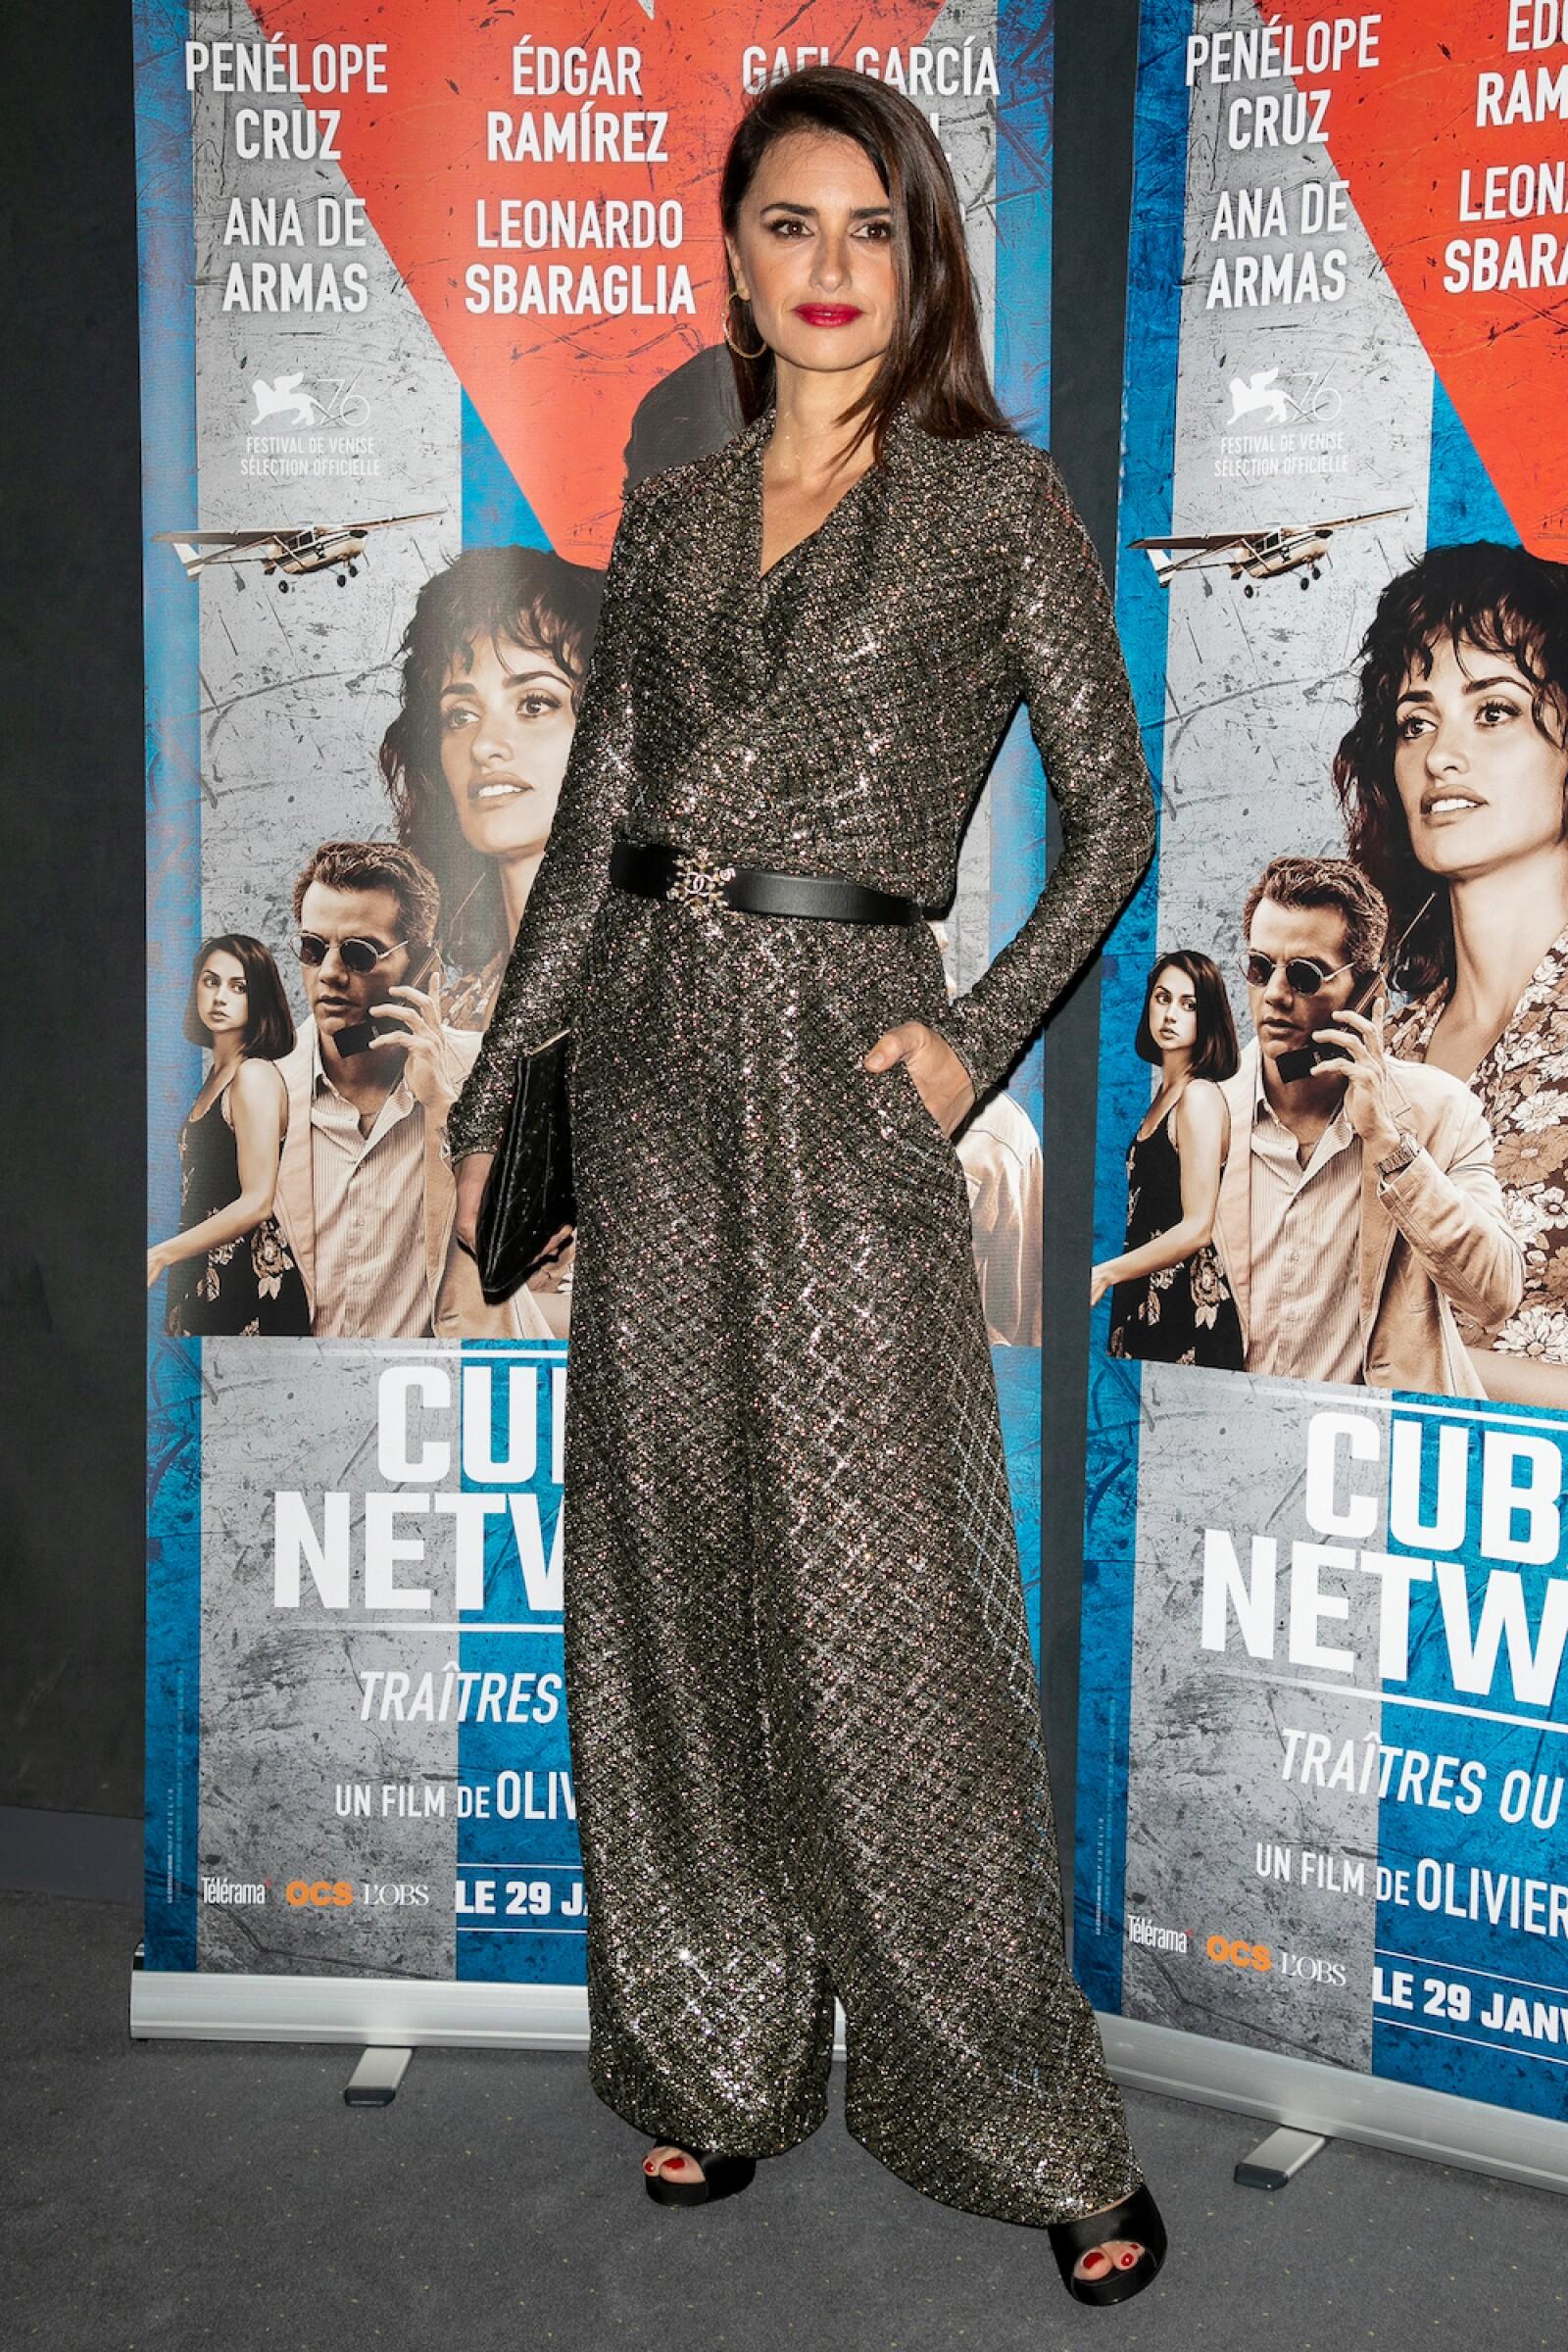 Penelope Cruz reaparece en Paris con un jumpsuit de algodón dorado de Chanel con accesorios en color negro de la misma marca.